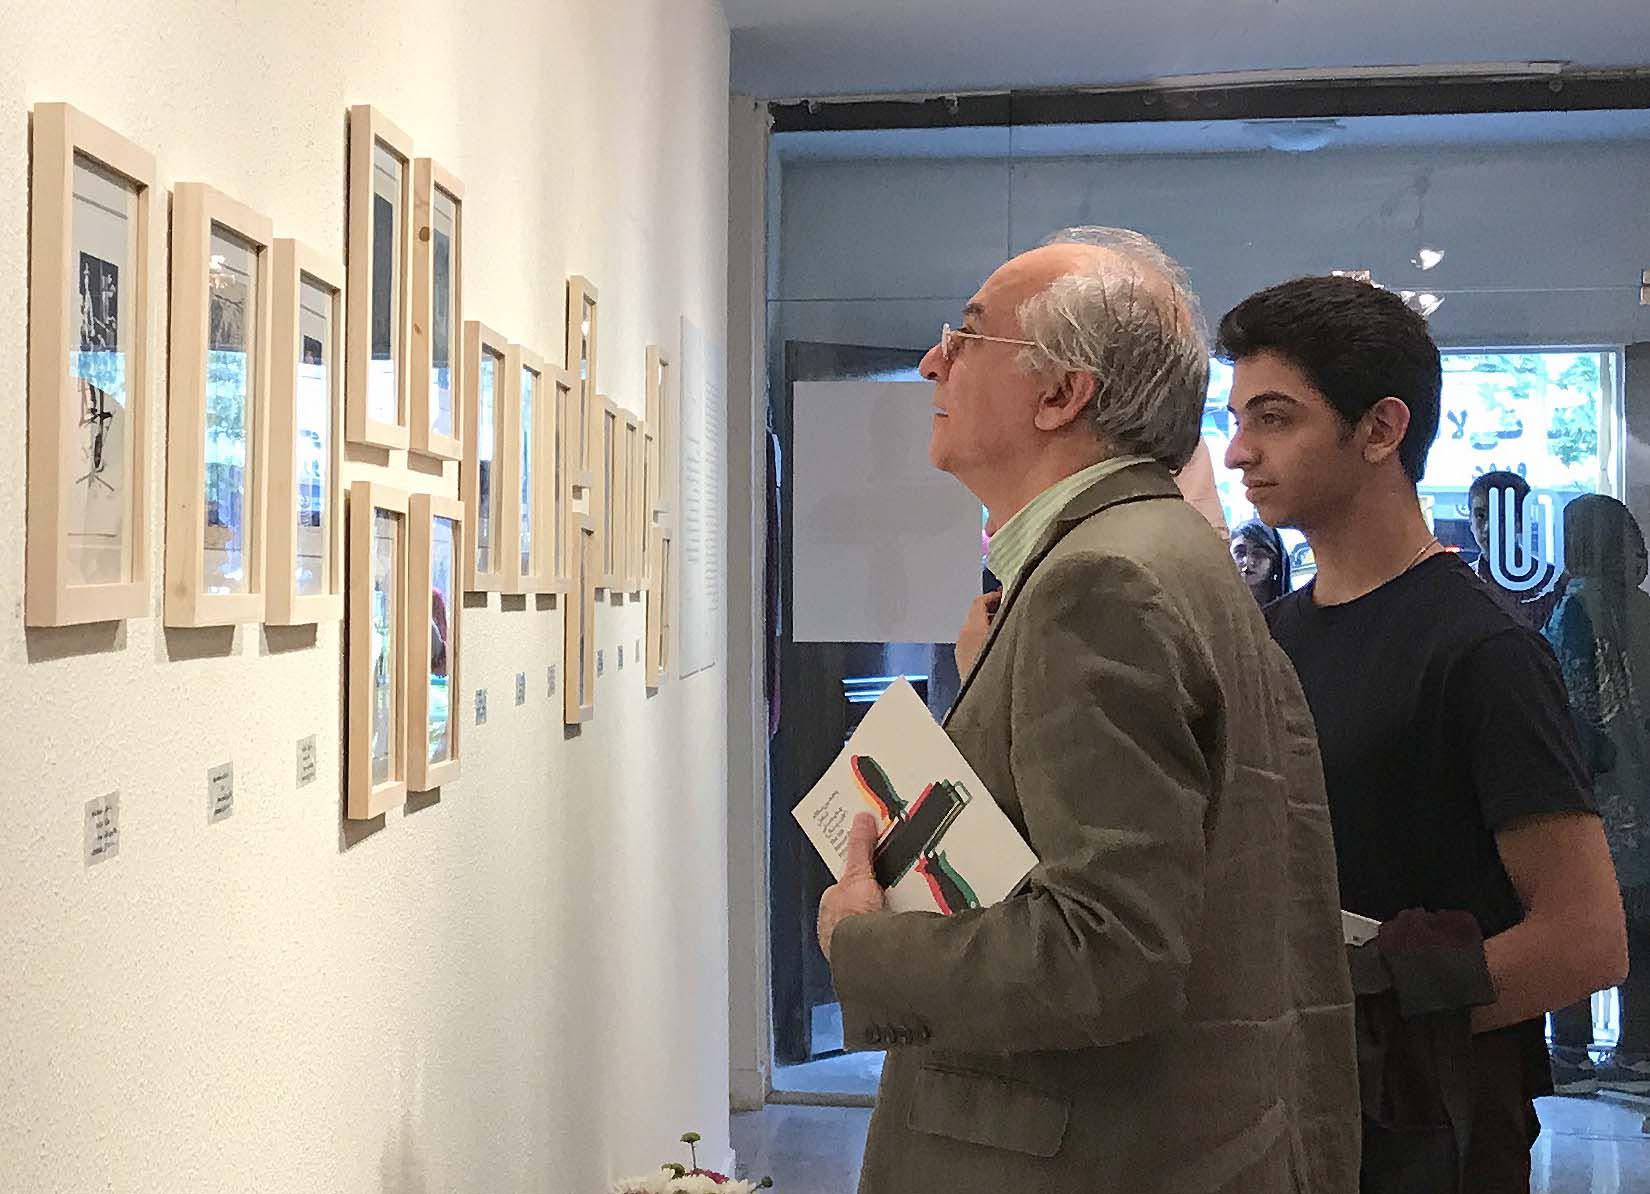 گزارش تصویری نمایشگاه پنجمین سالانه تبادل چاپ دستی در نگارخانه لاله